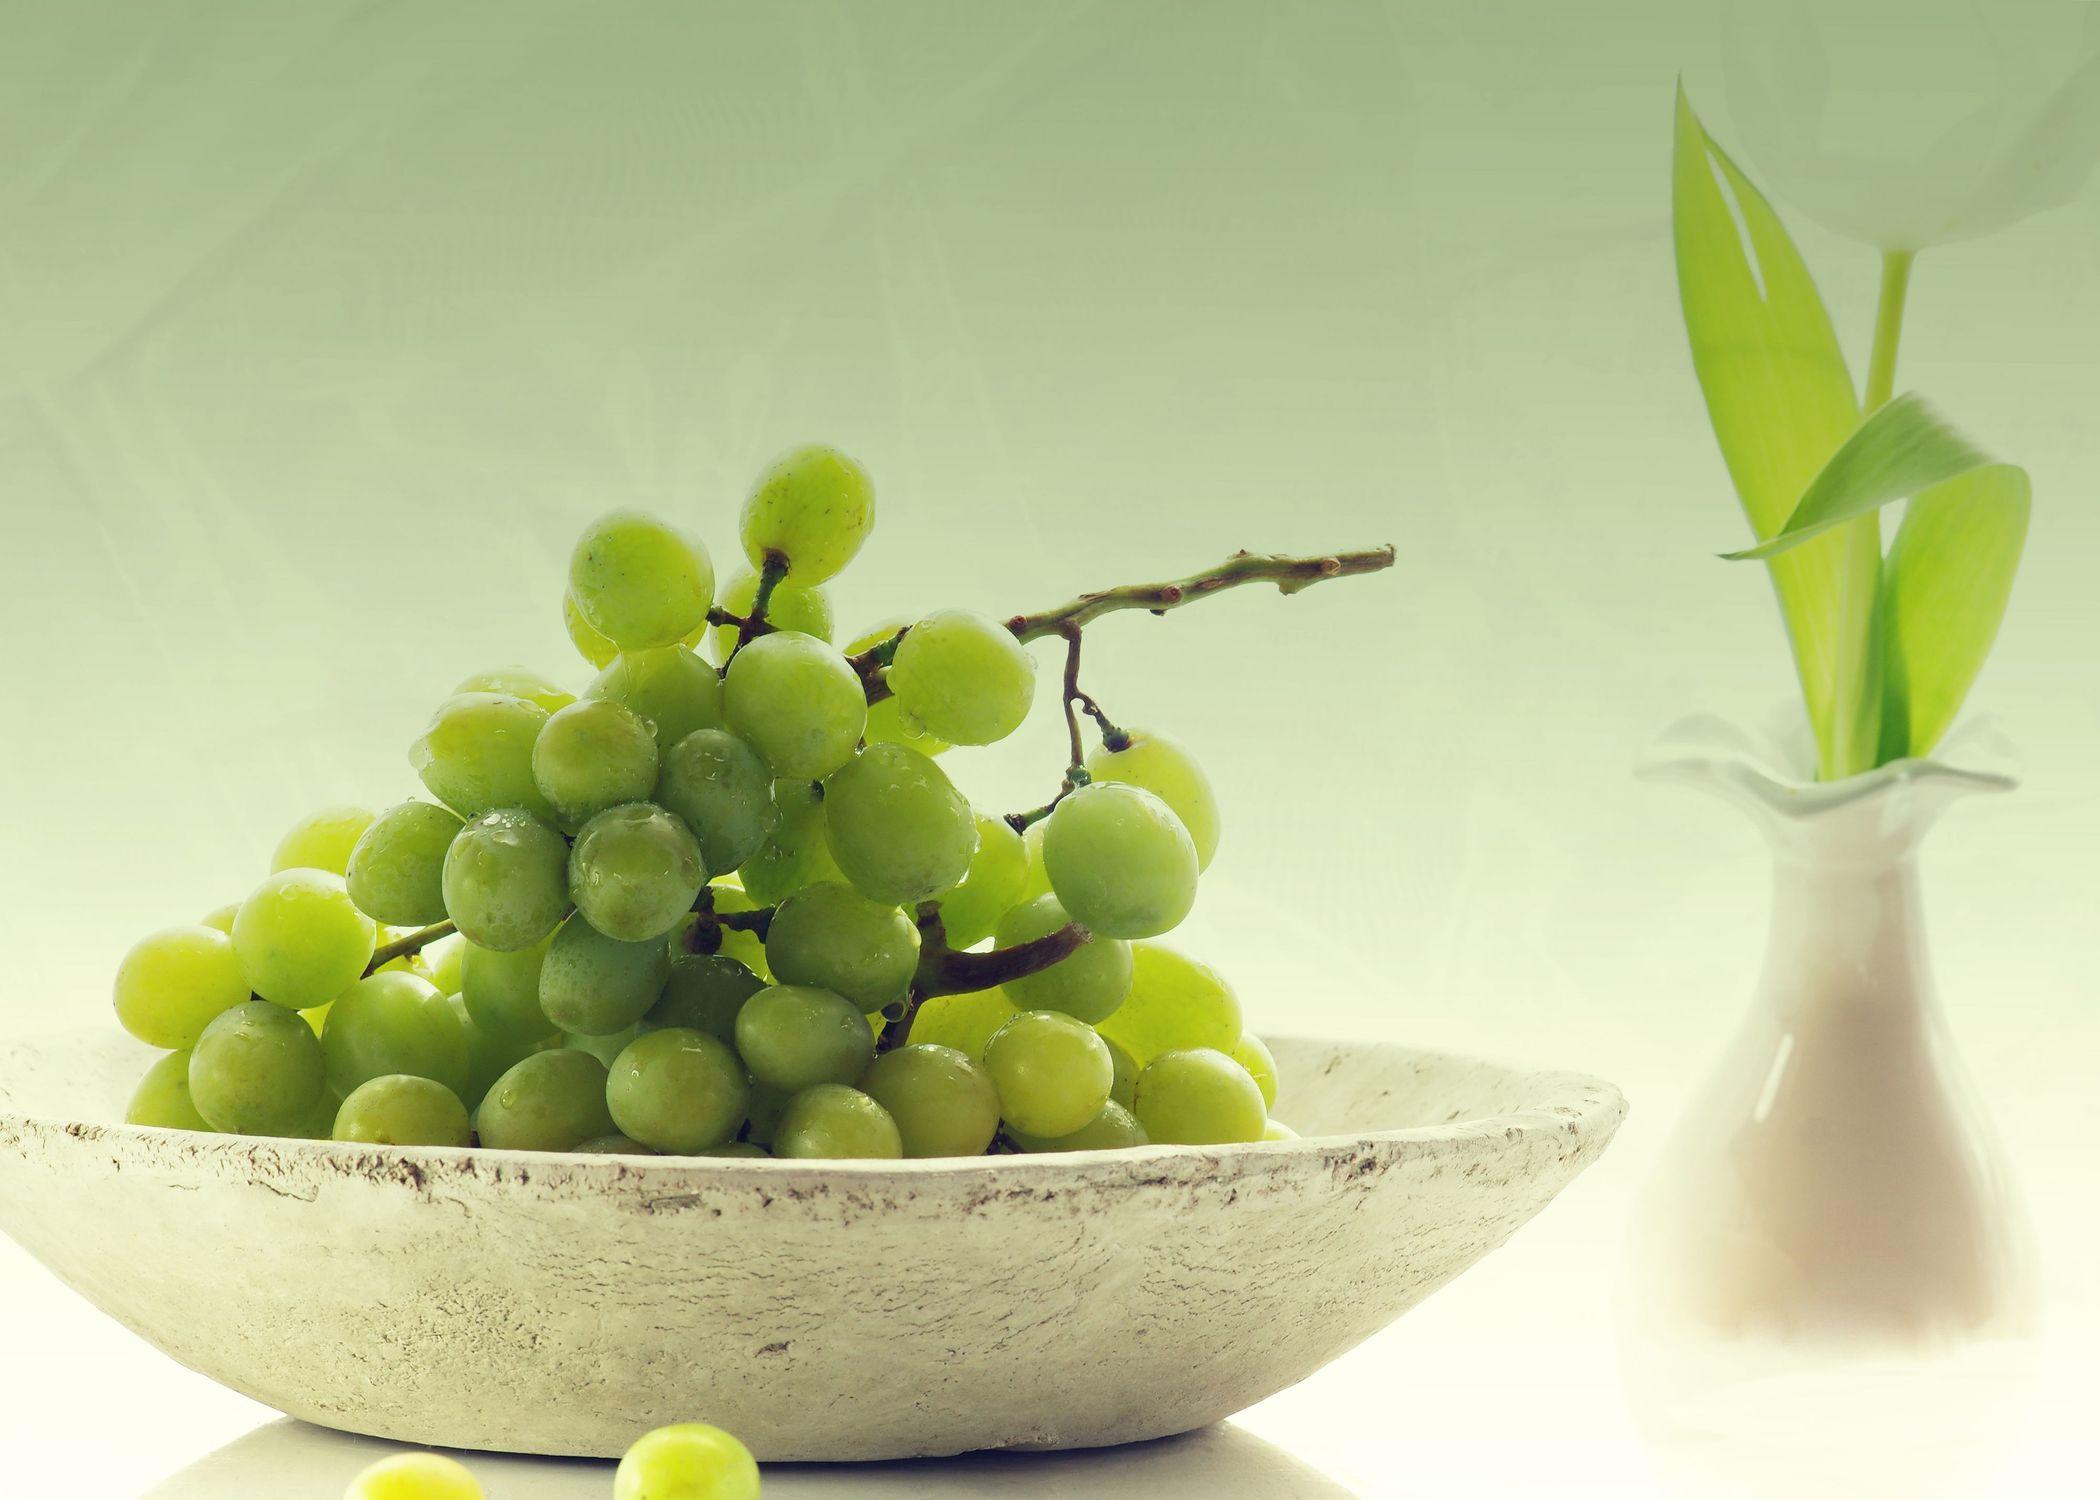 Bild mit Früchte, Lebensmittel, Trauben, Frucht, Obst, Küchenbild, Weintraube, Weintrauben, Traube, Stillleben, Food, Küchenbilder, KITCHEN, GESUND, Küche, Küchen, Kochbild, vegan, healthy